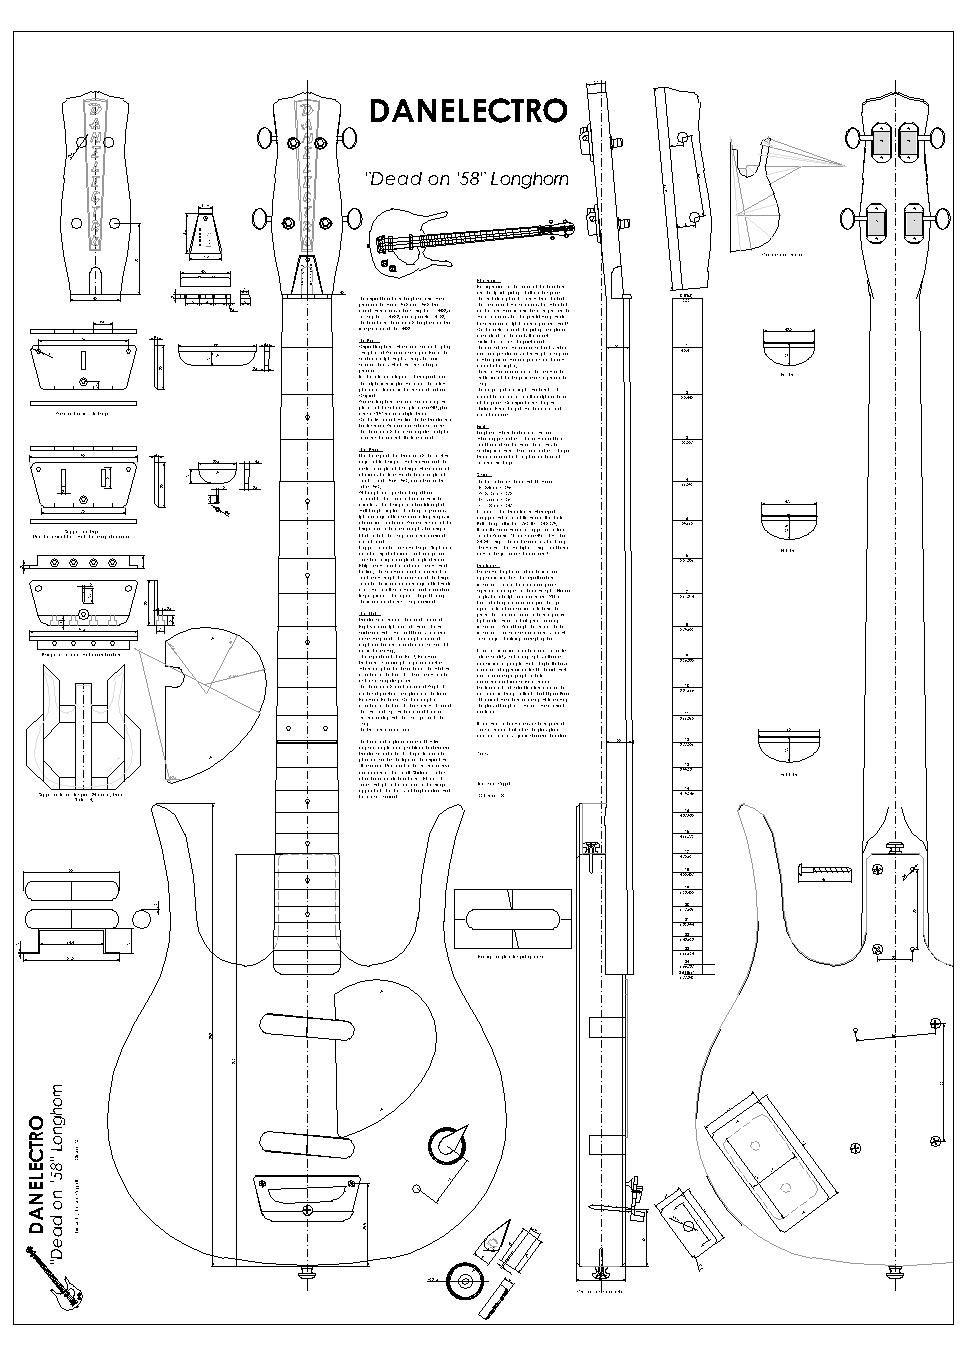 Danelectro Hodad Wiring Diagram